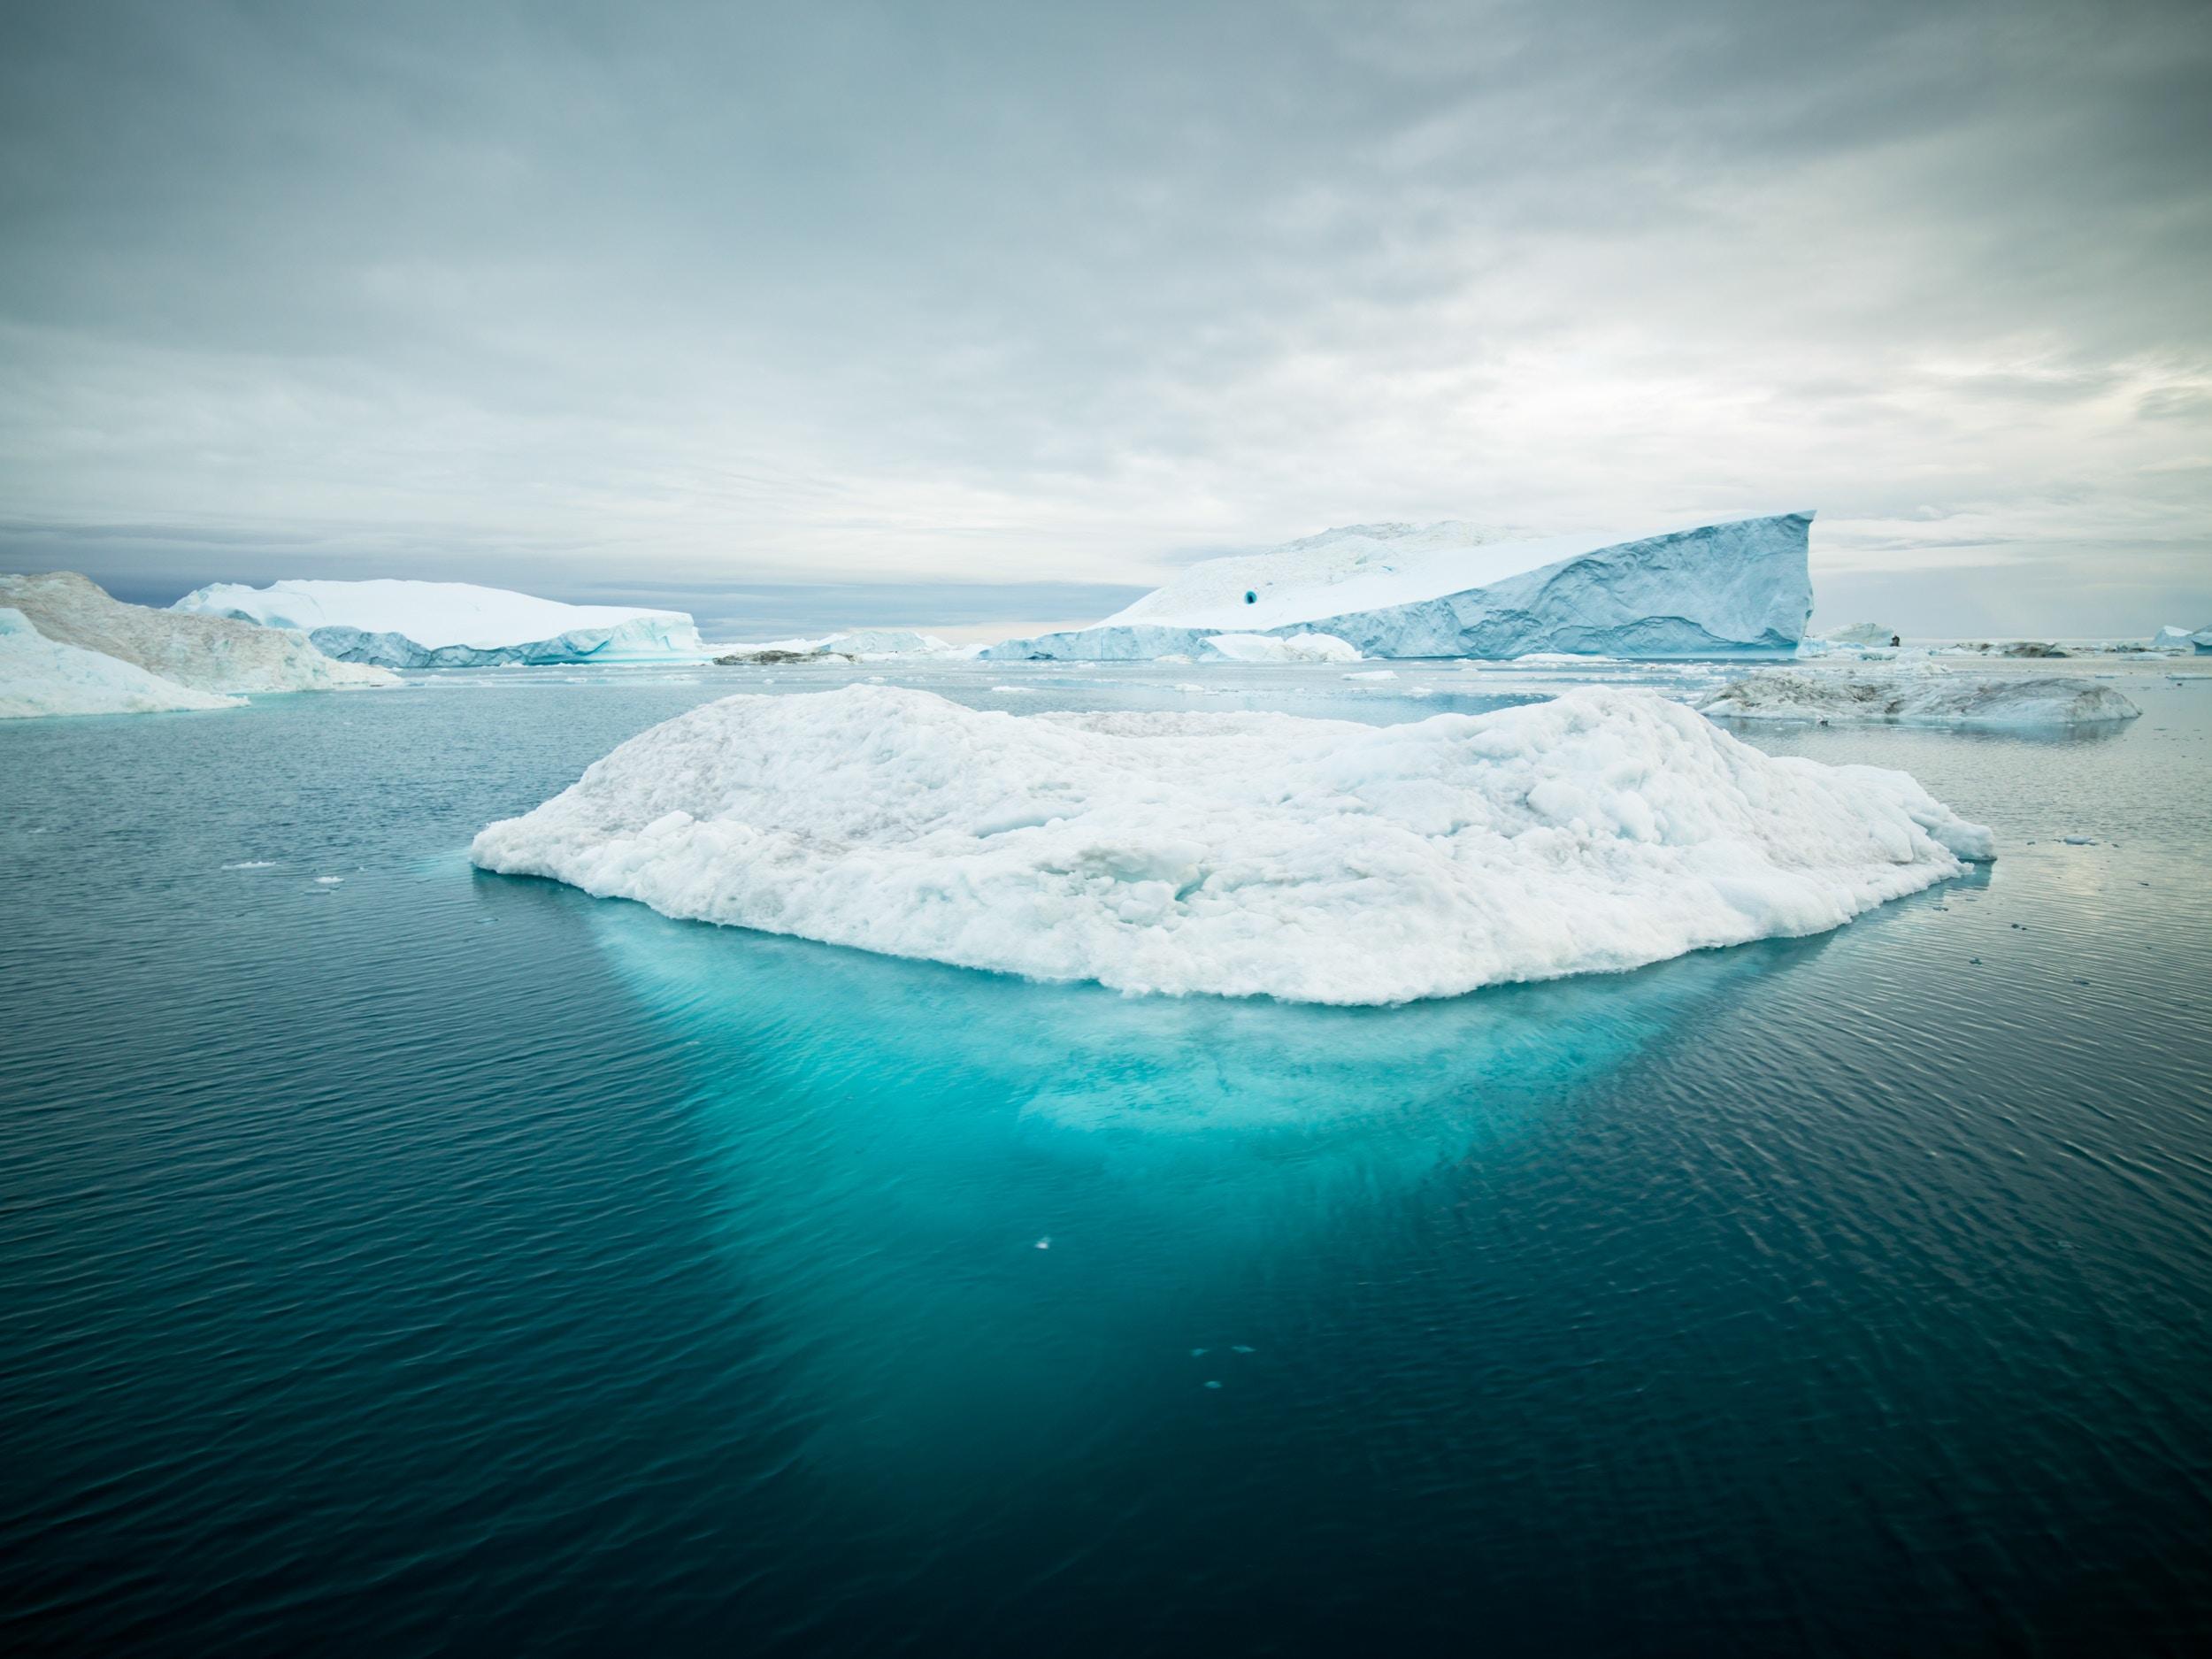 iceberg natural phenomenon